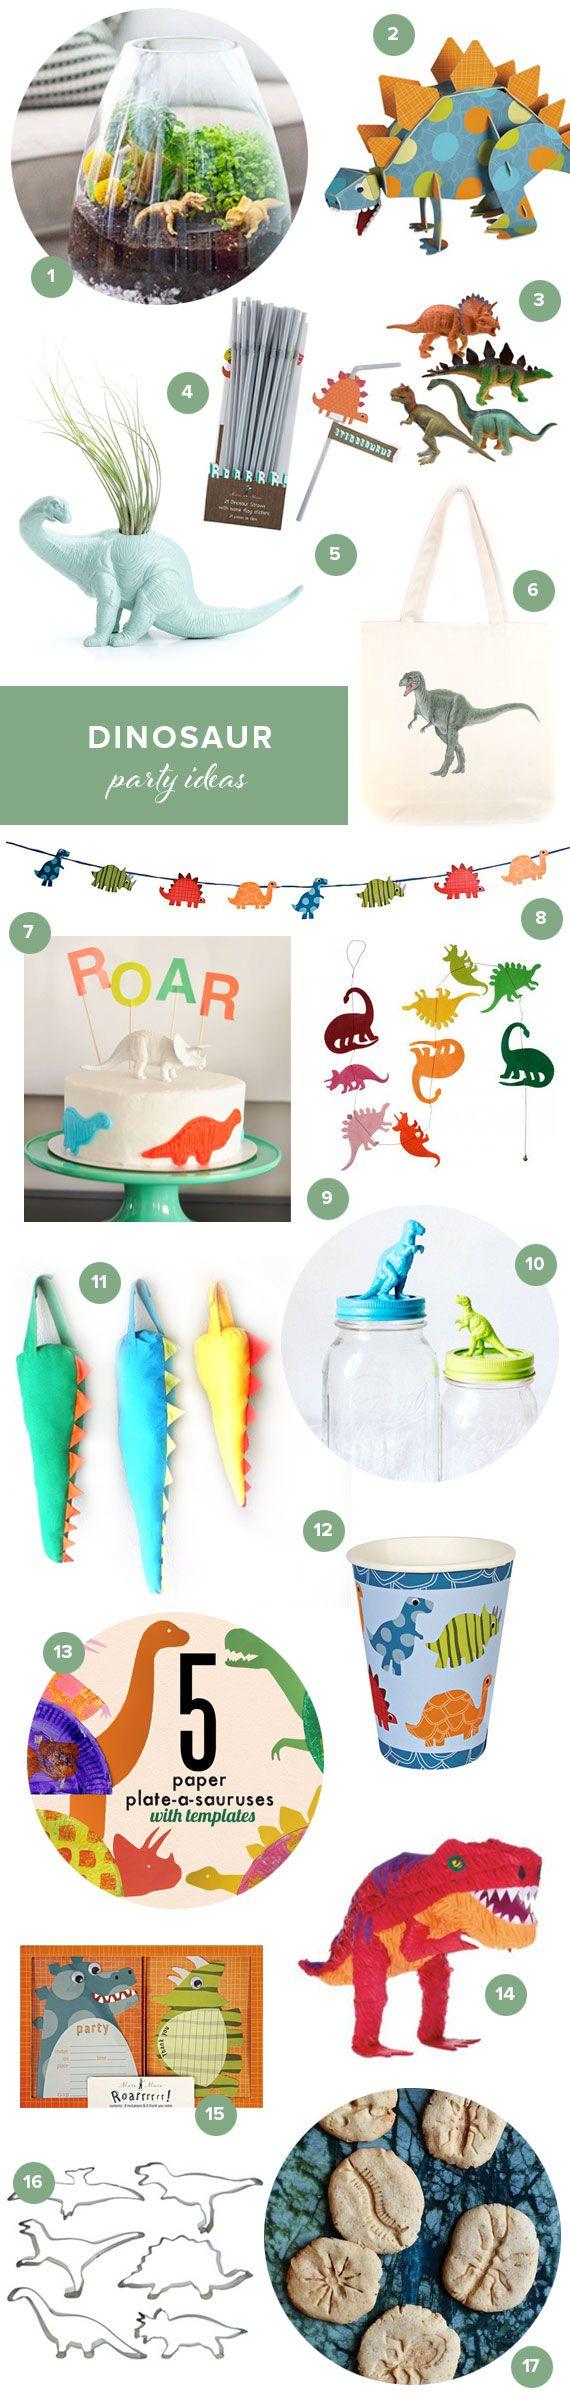 Ideen für Partys mit Dino-Motto